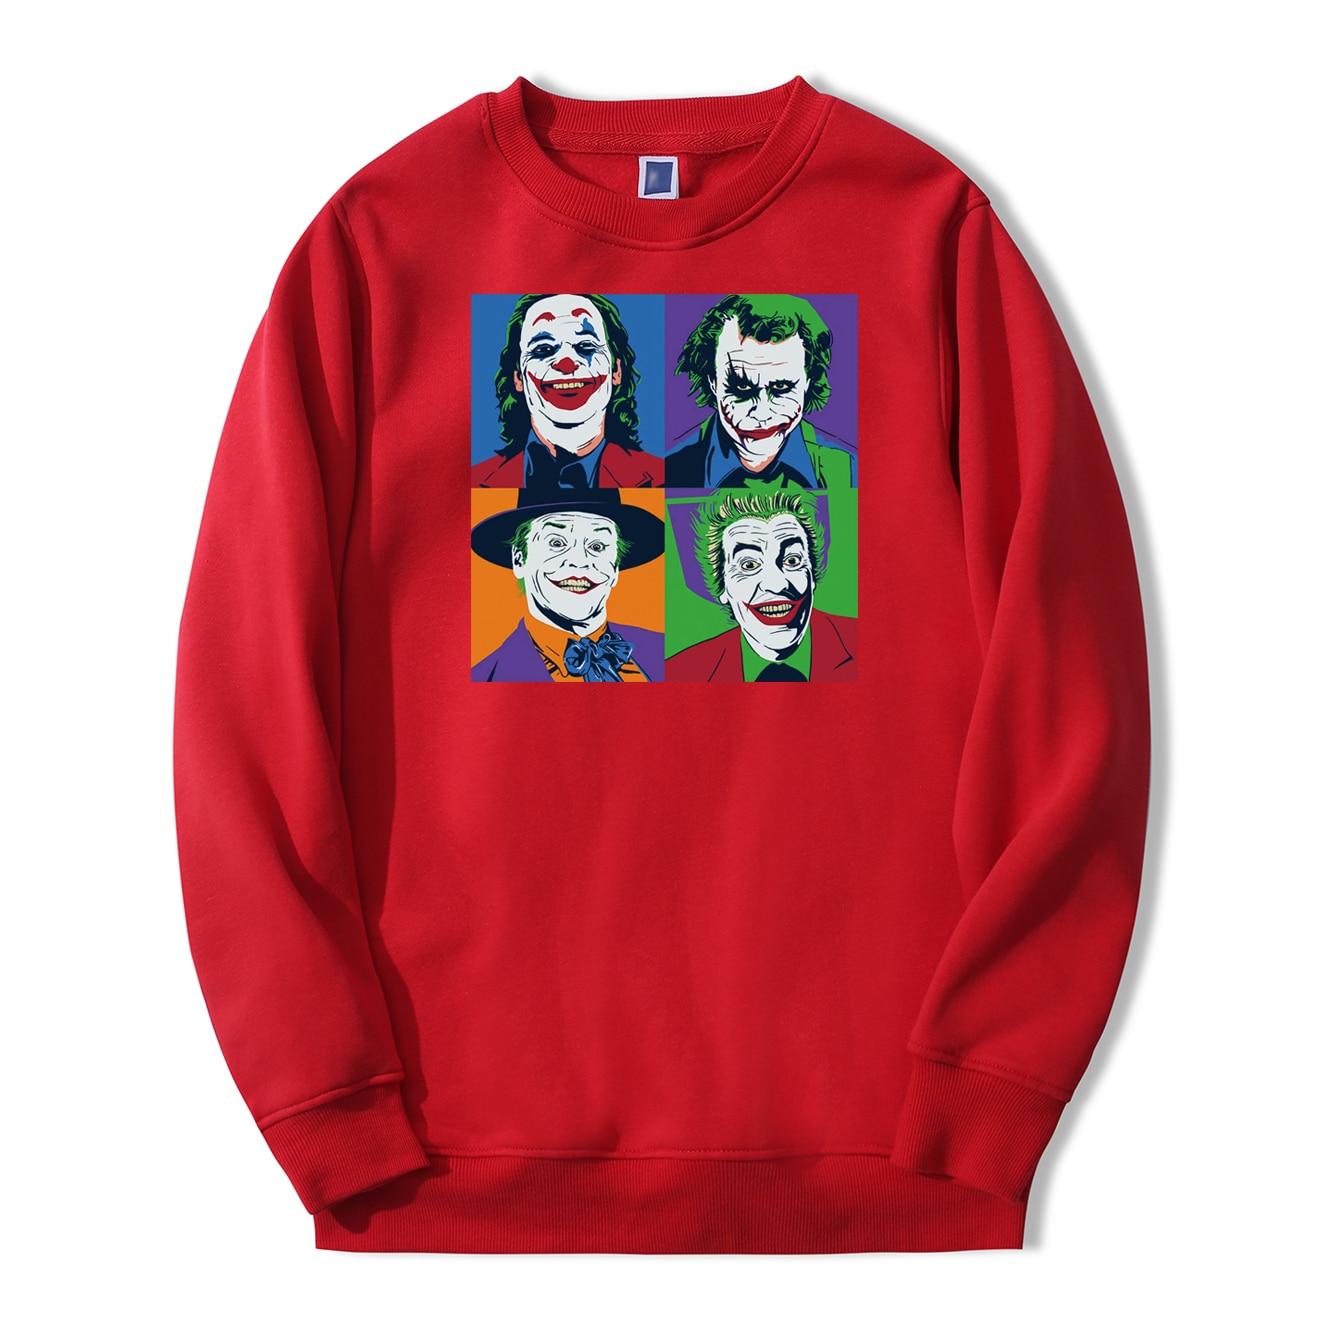 Joaquin Phoenix Joker Men Sweatshirts Hoodies 2019 Autumn Winter Pullovers Warm Fleece Hoodie Heath Ledger Joker New Sportswear